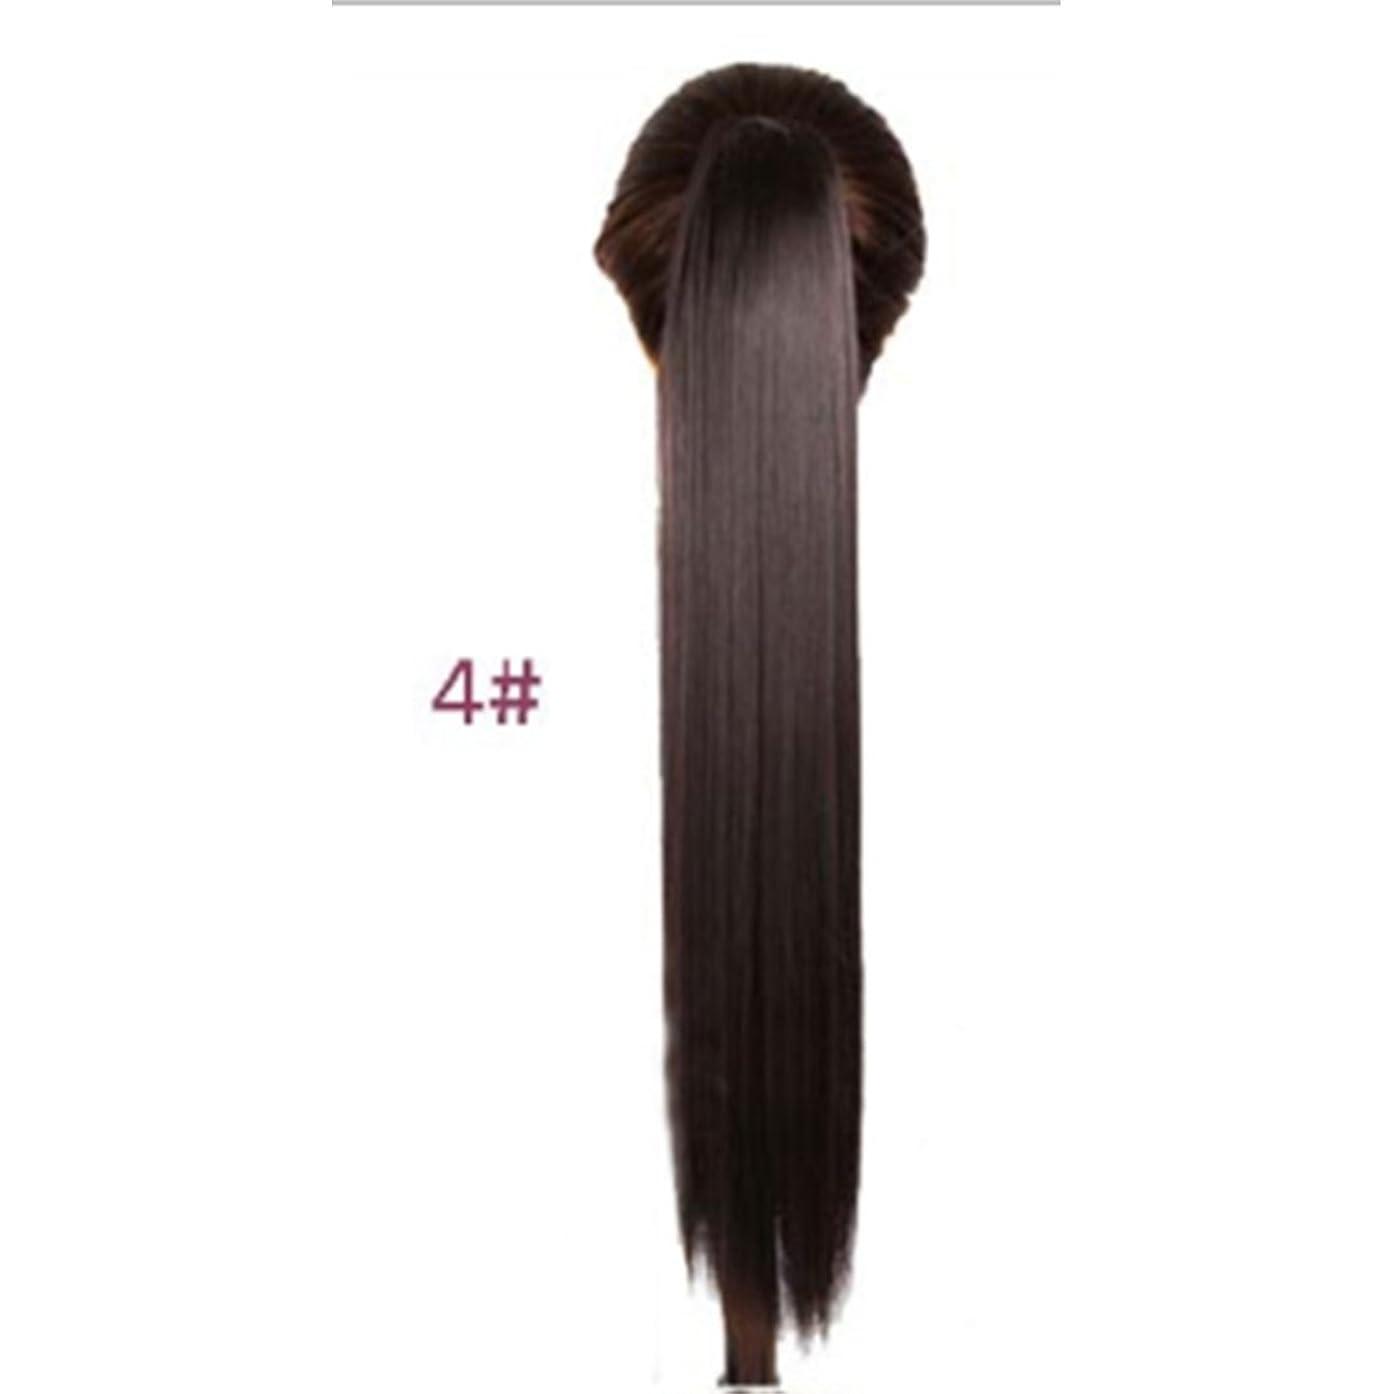 不和コンベンション盟主JIANFU 女性のための24inch / 150g合成高温ヘアピースの長さストレートポニーテール爪クリップロングストレートヘアエクステンション (Color : 4#)